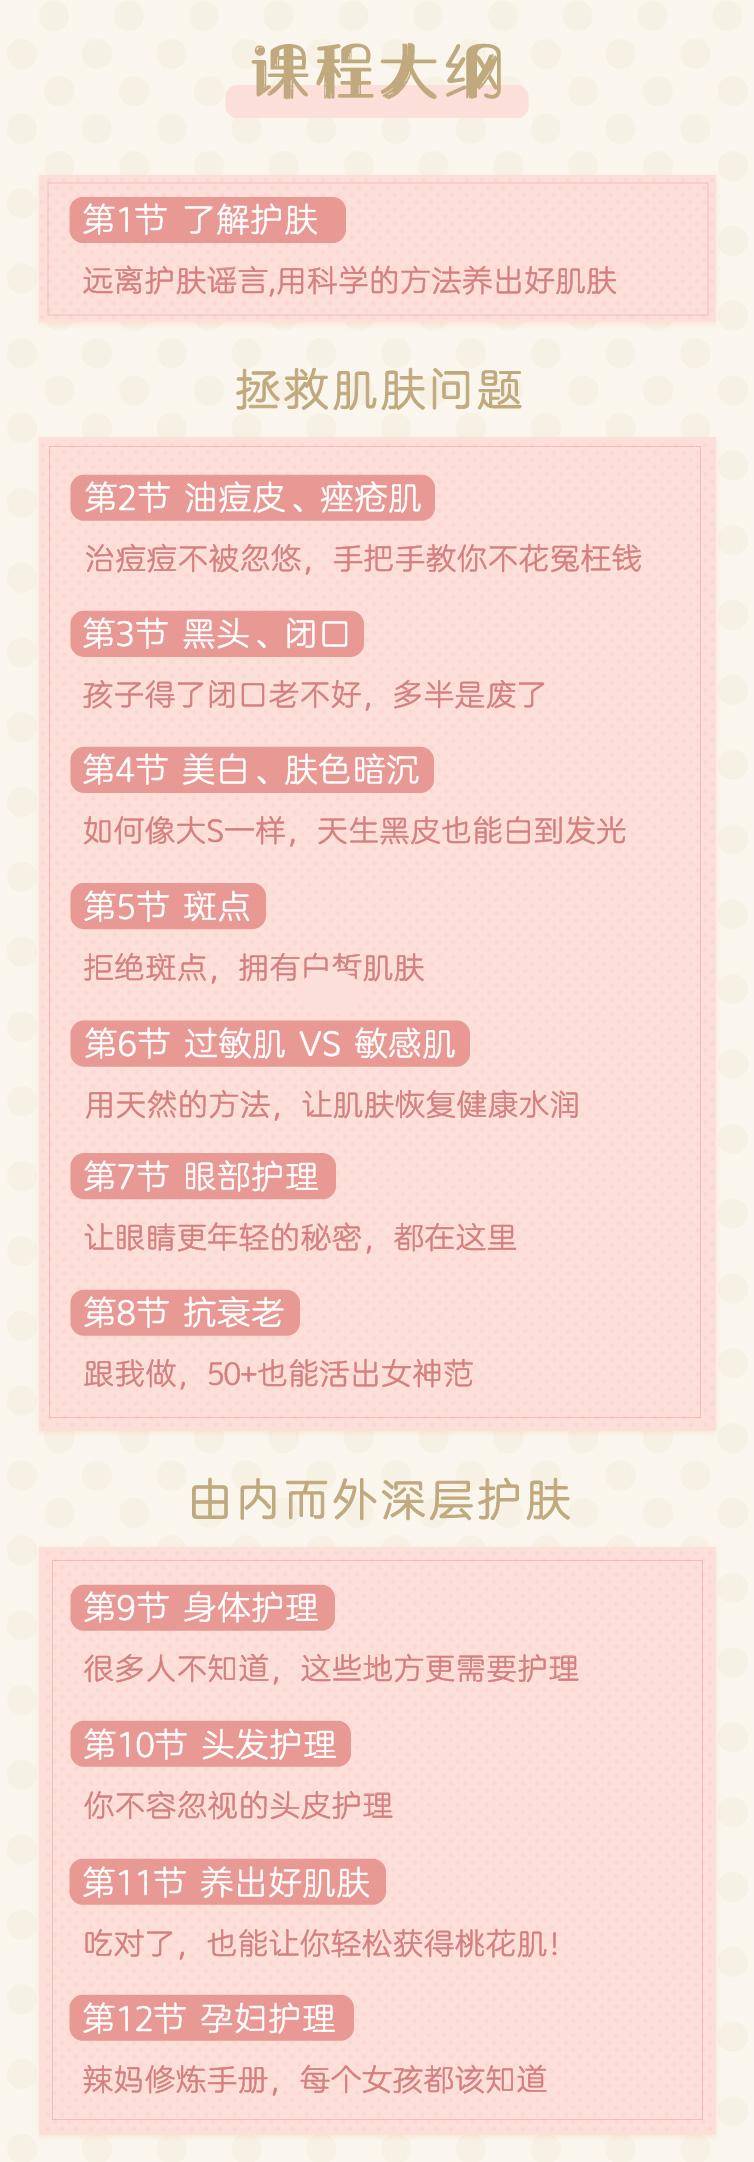 李慧伦护肤课-详情页-19.8.2-03.jpg